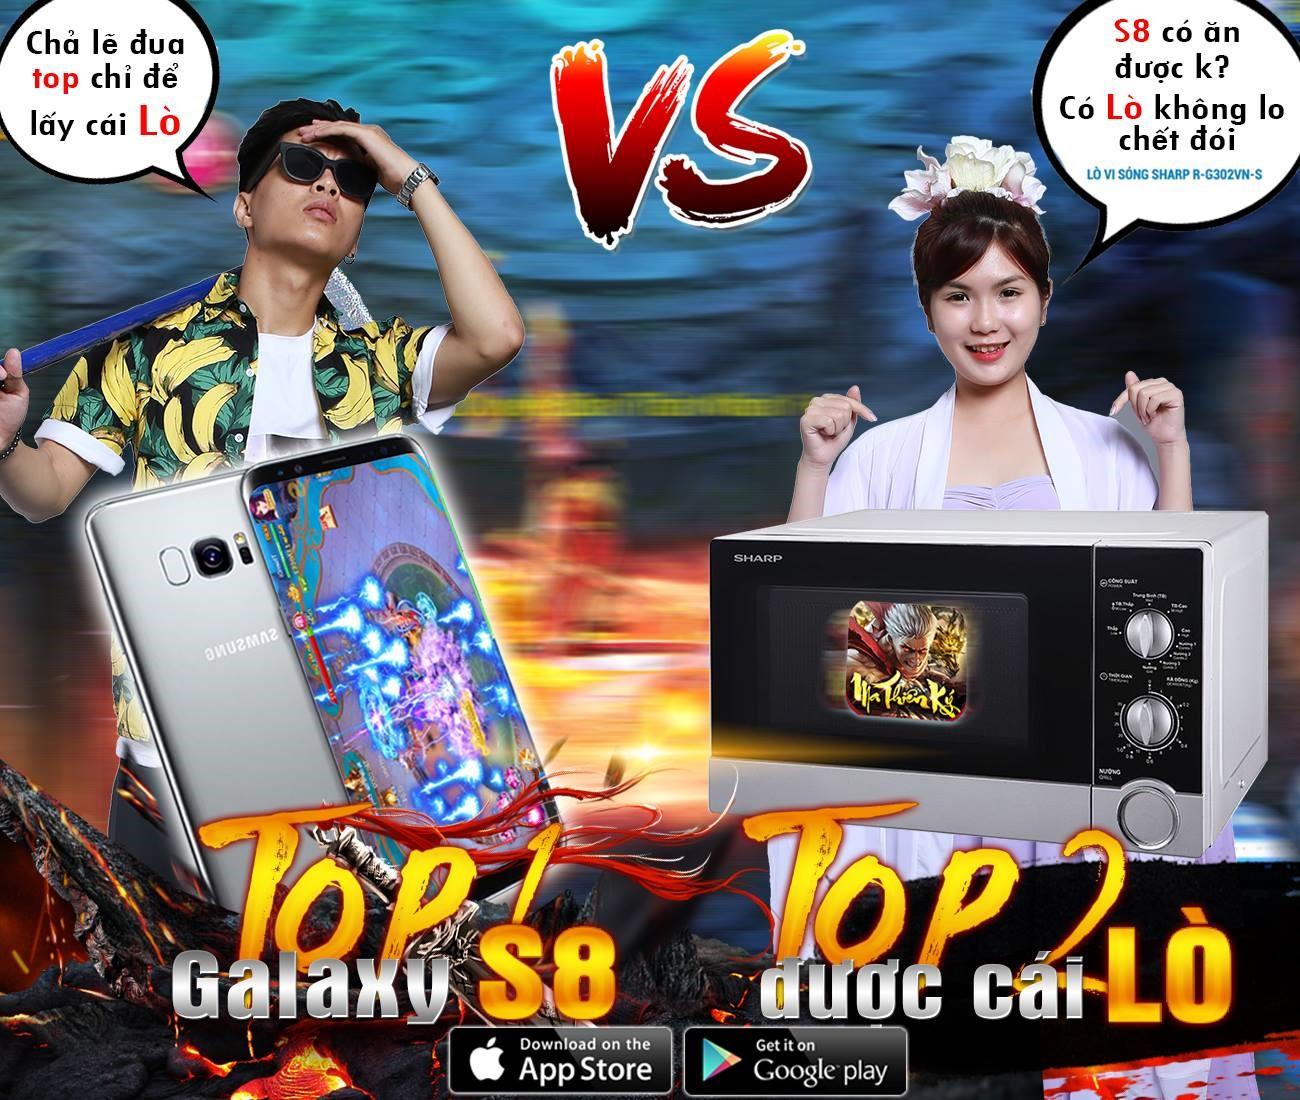 GameSao thân tặng 1000 GiftCode Ma Thiên Ký nhân dịp ra mắt - ảnh 1